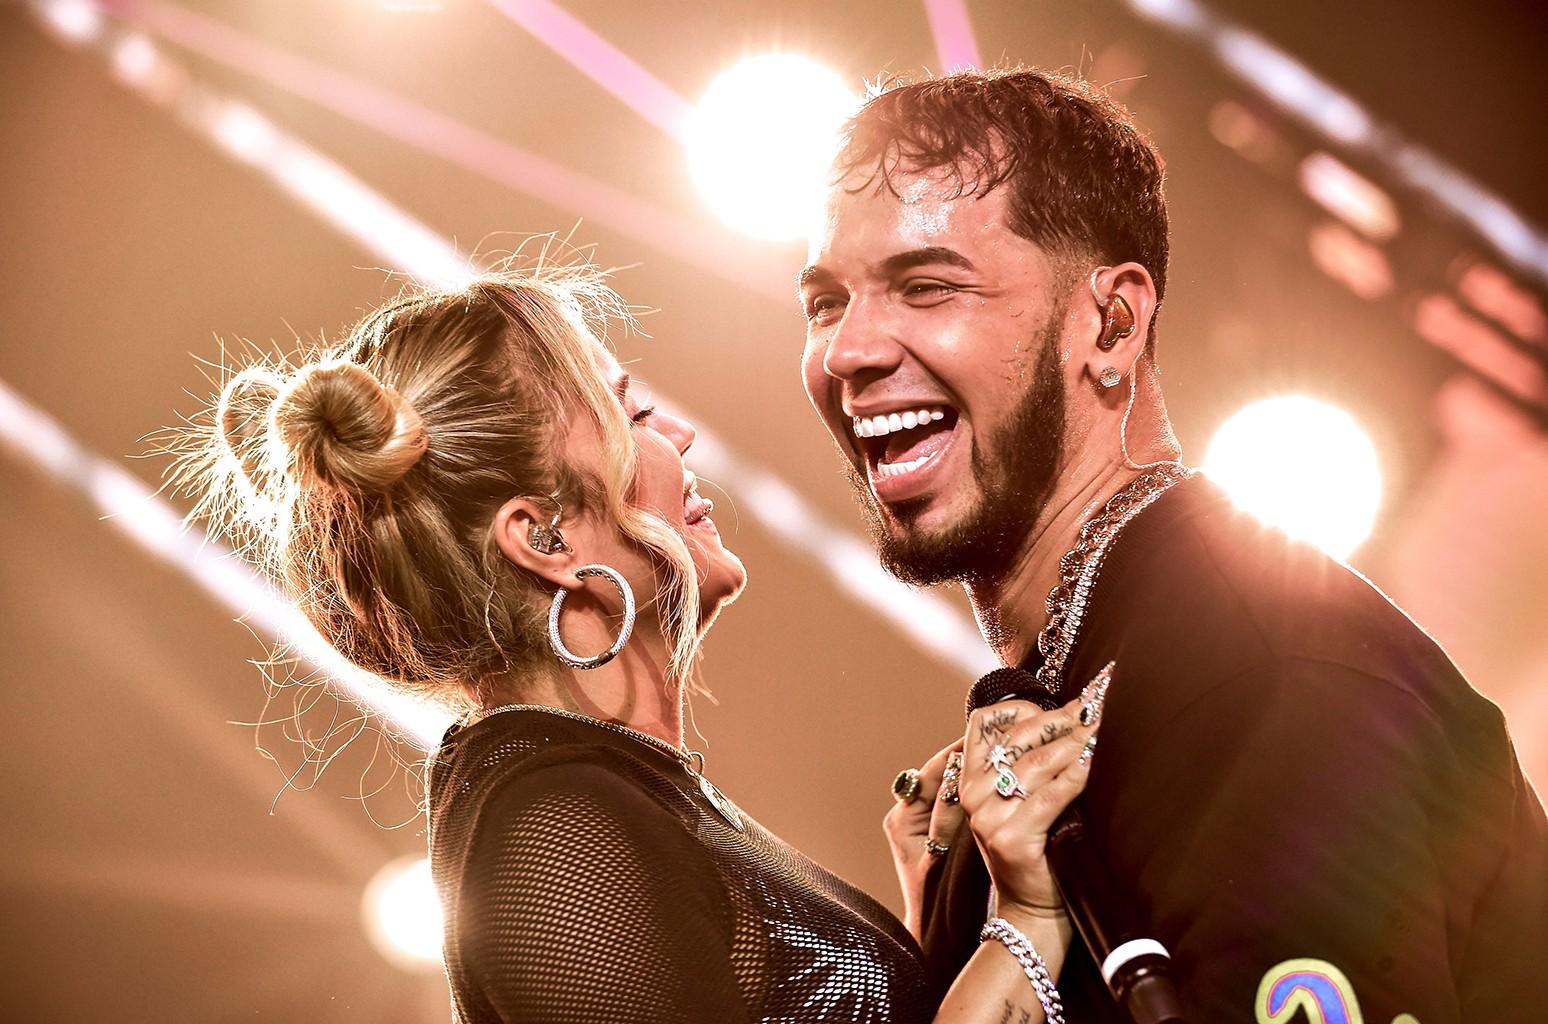 Karol G and Anuel AA